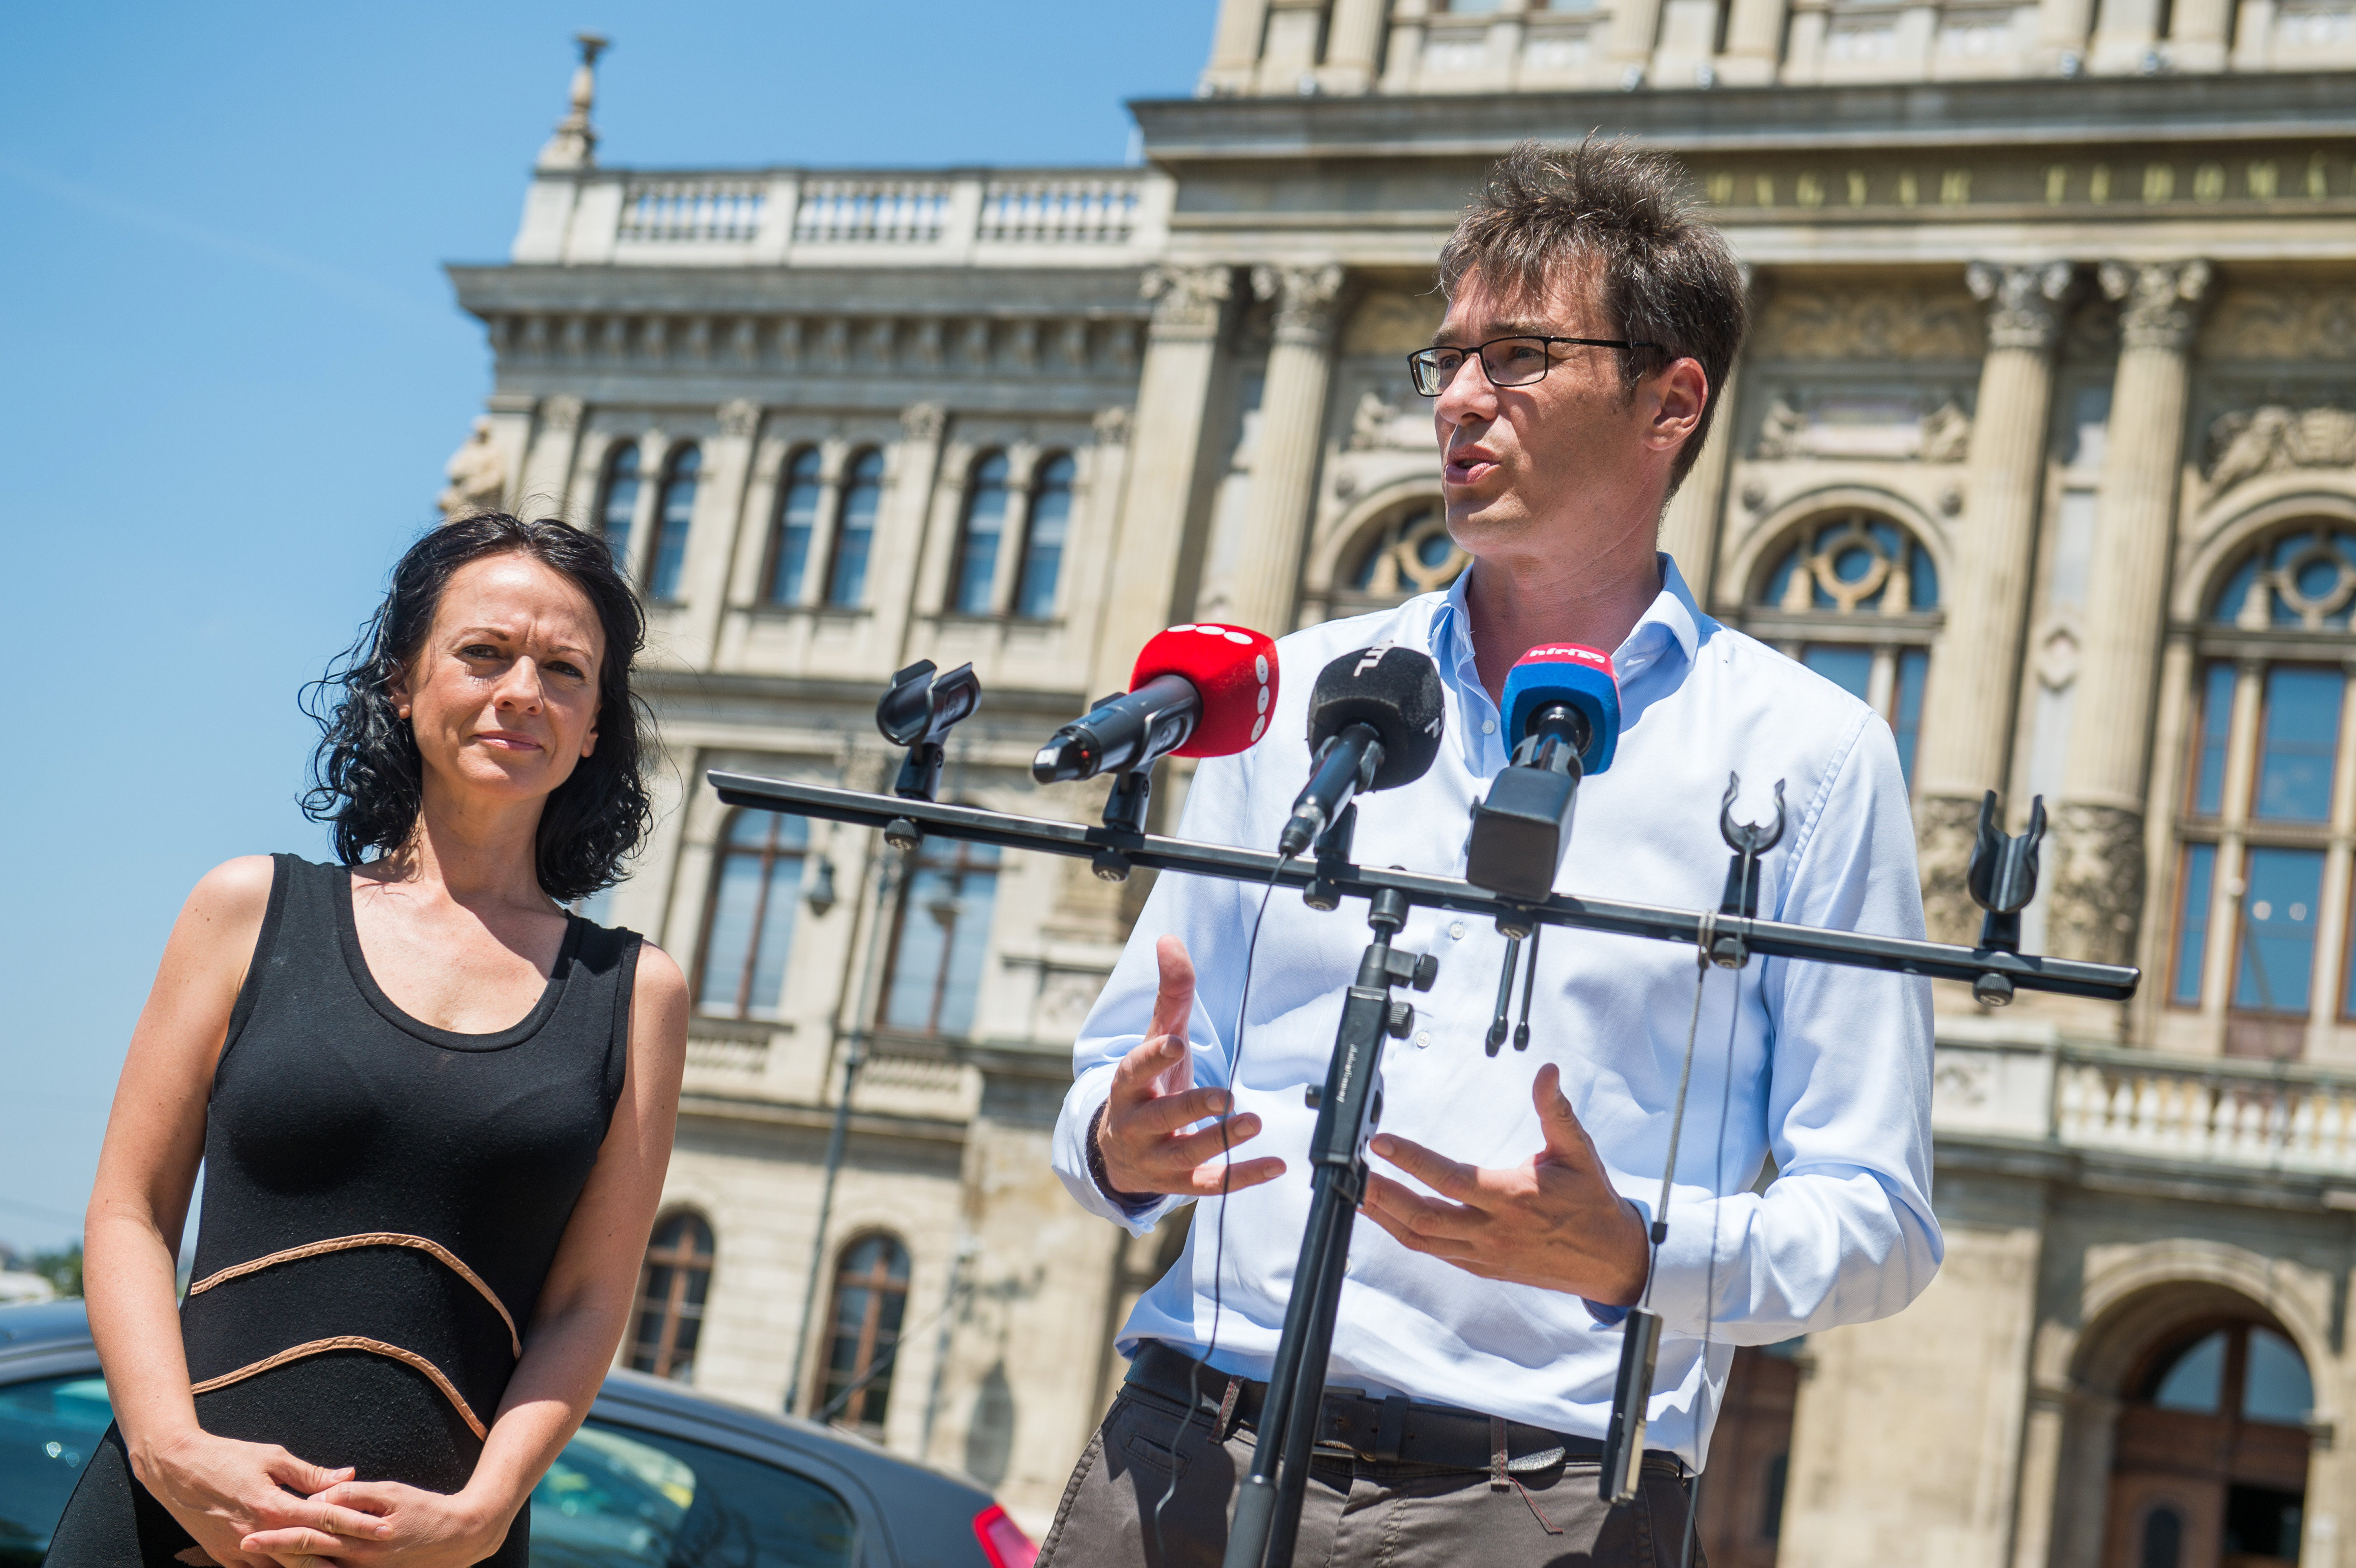 Szabó Tímea: A Párbeszéd elnökségi ülésein készültek a hangfelvételek